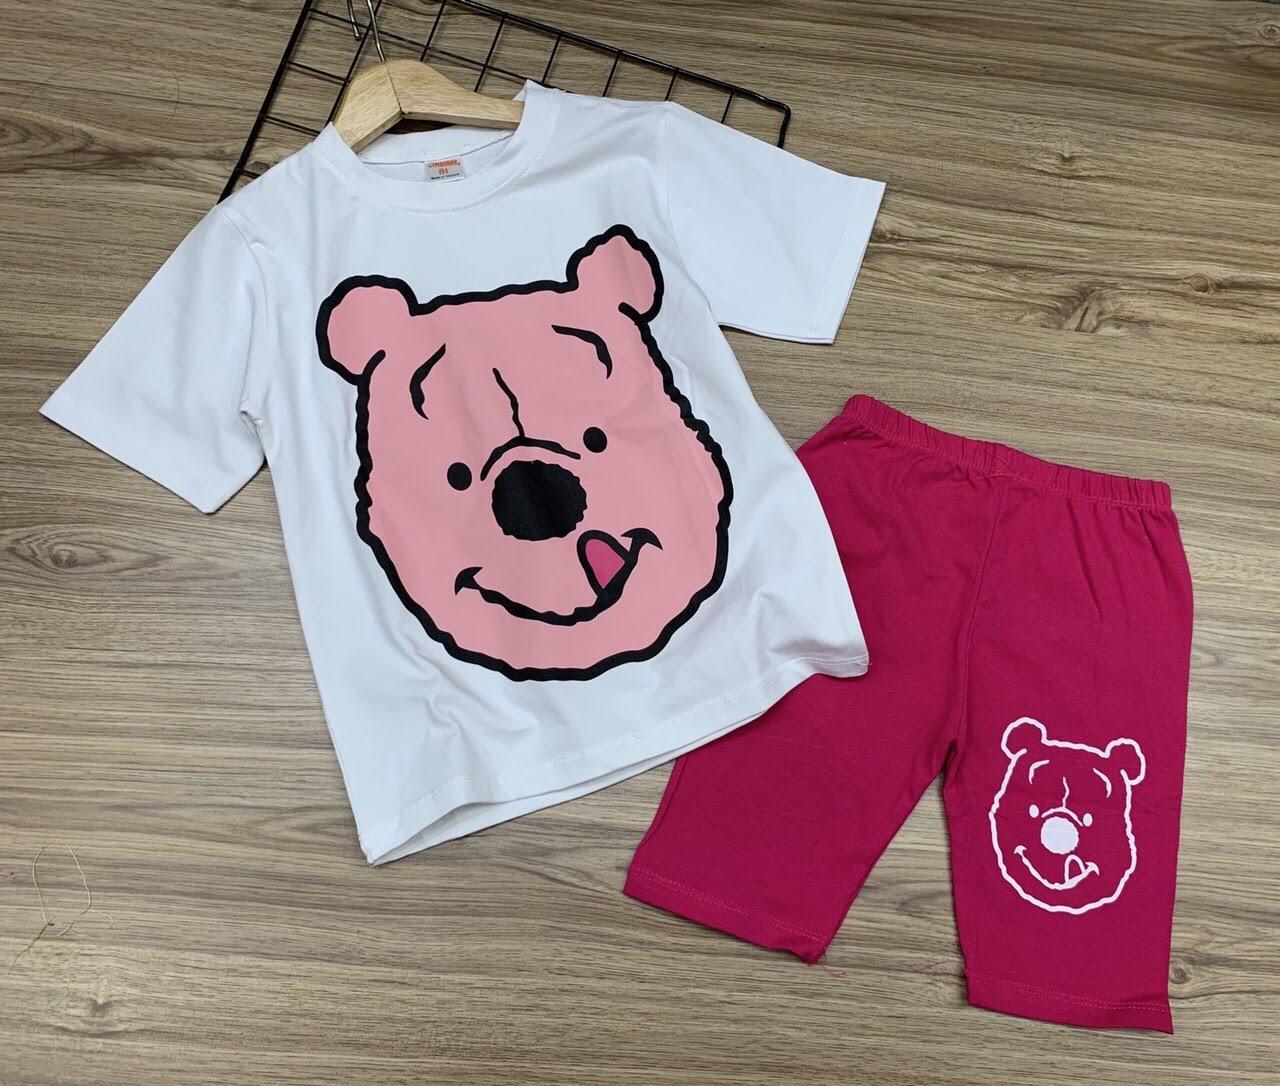 Bộ ngố thun cotton in hình hoạt ình siêu xinh size đại cho bé lớn từ 22 đến 40kg - Bộ quần áo trẻ em